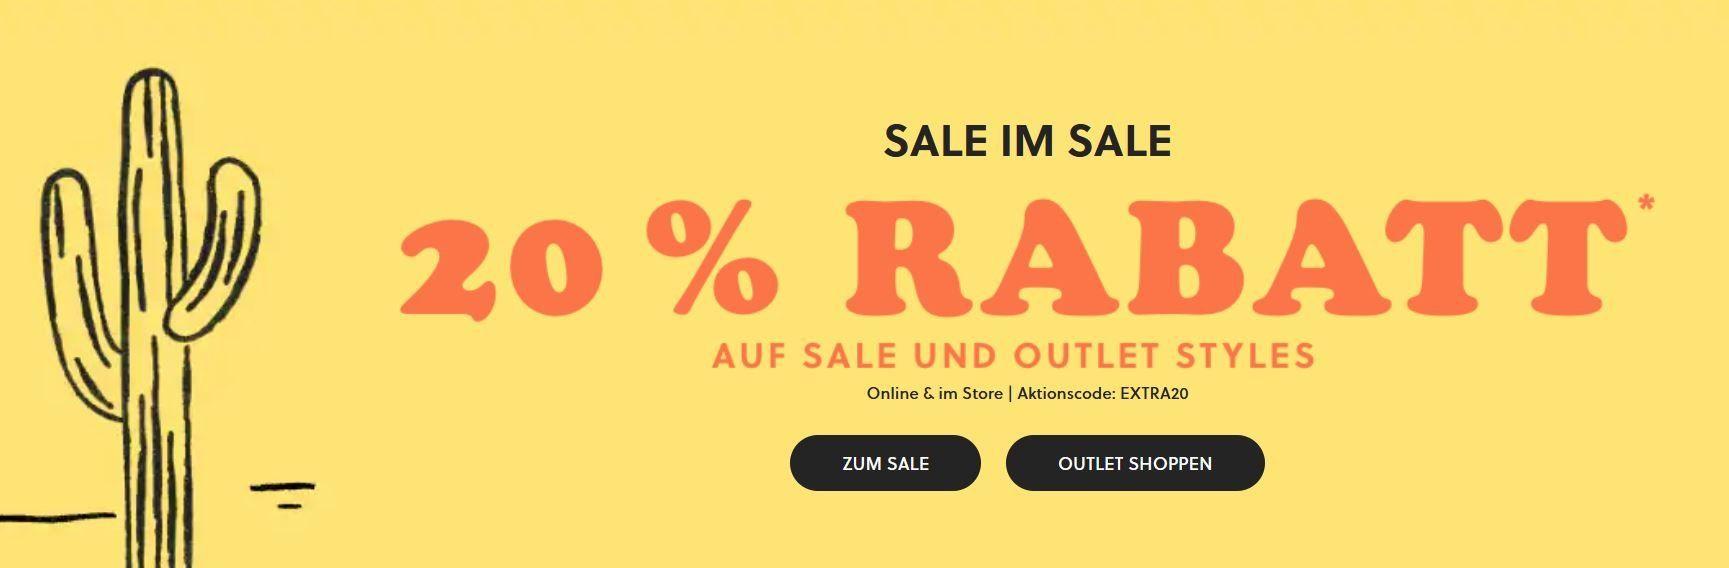 Top! Fossil bis 50% im Sale +20% extra Rabatt + VSK frei   viele gute Angebote